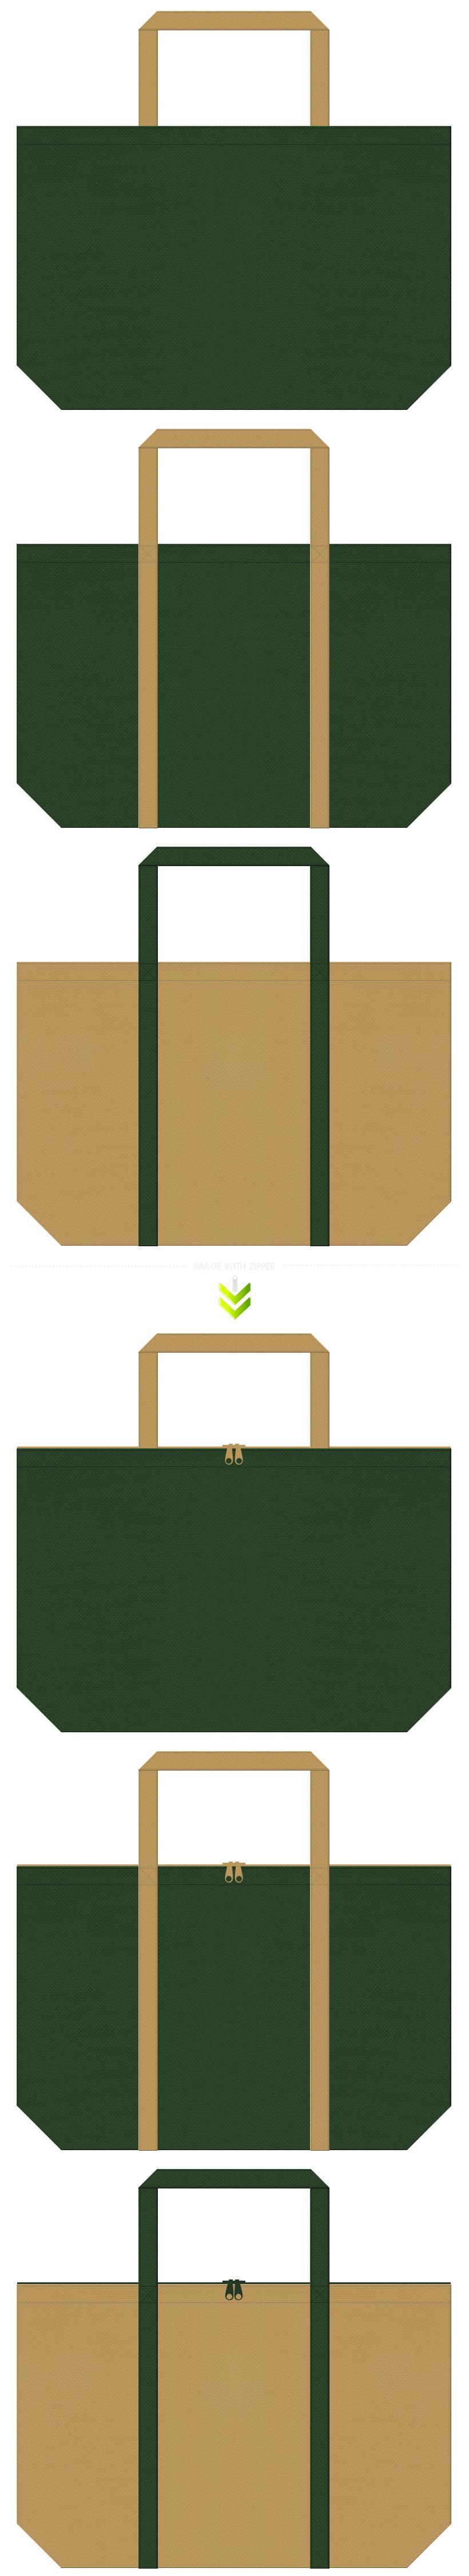 濃緑色と金色系黄土色の不織布エコバッグのデザイン。キャンプ・アウトドア用品のショッピングバッグにお奨めです。